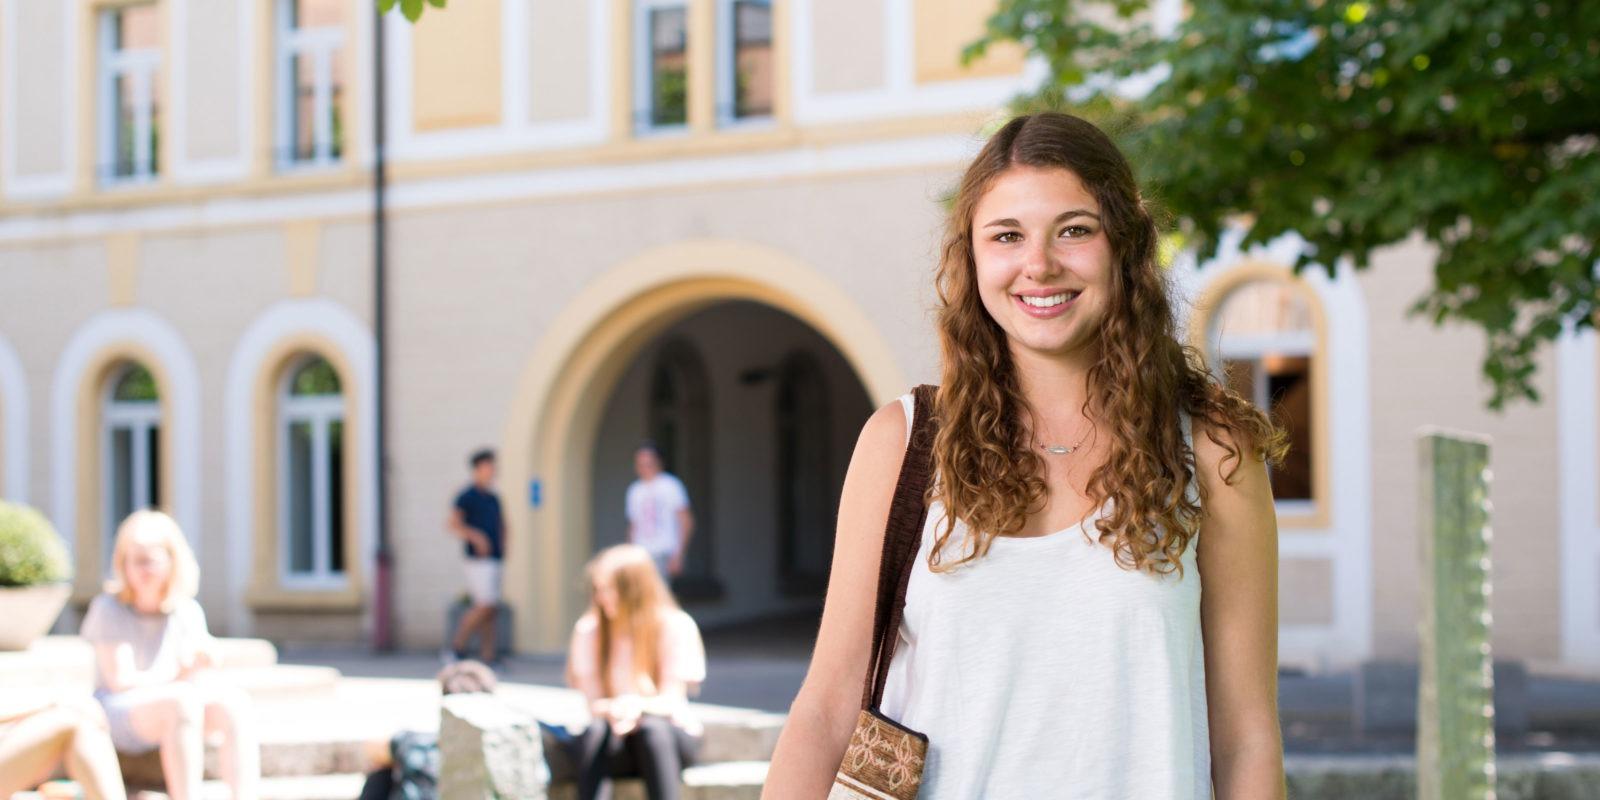 Kantonsschule Kollegi Schwyz Gymnasium